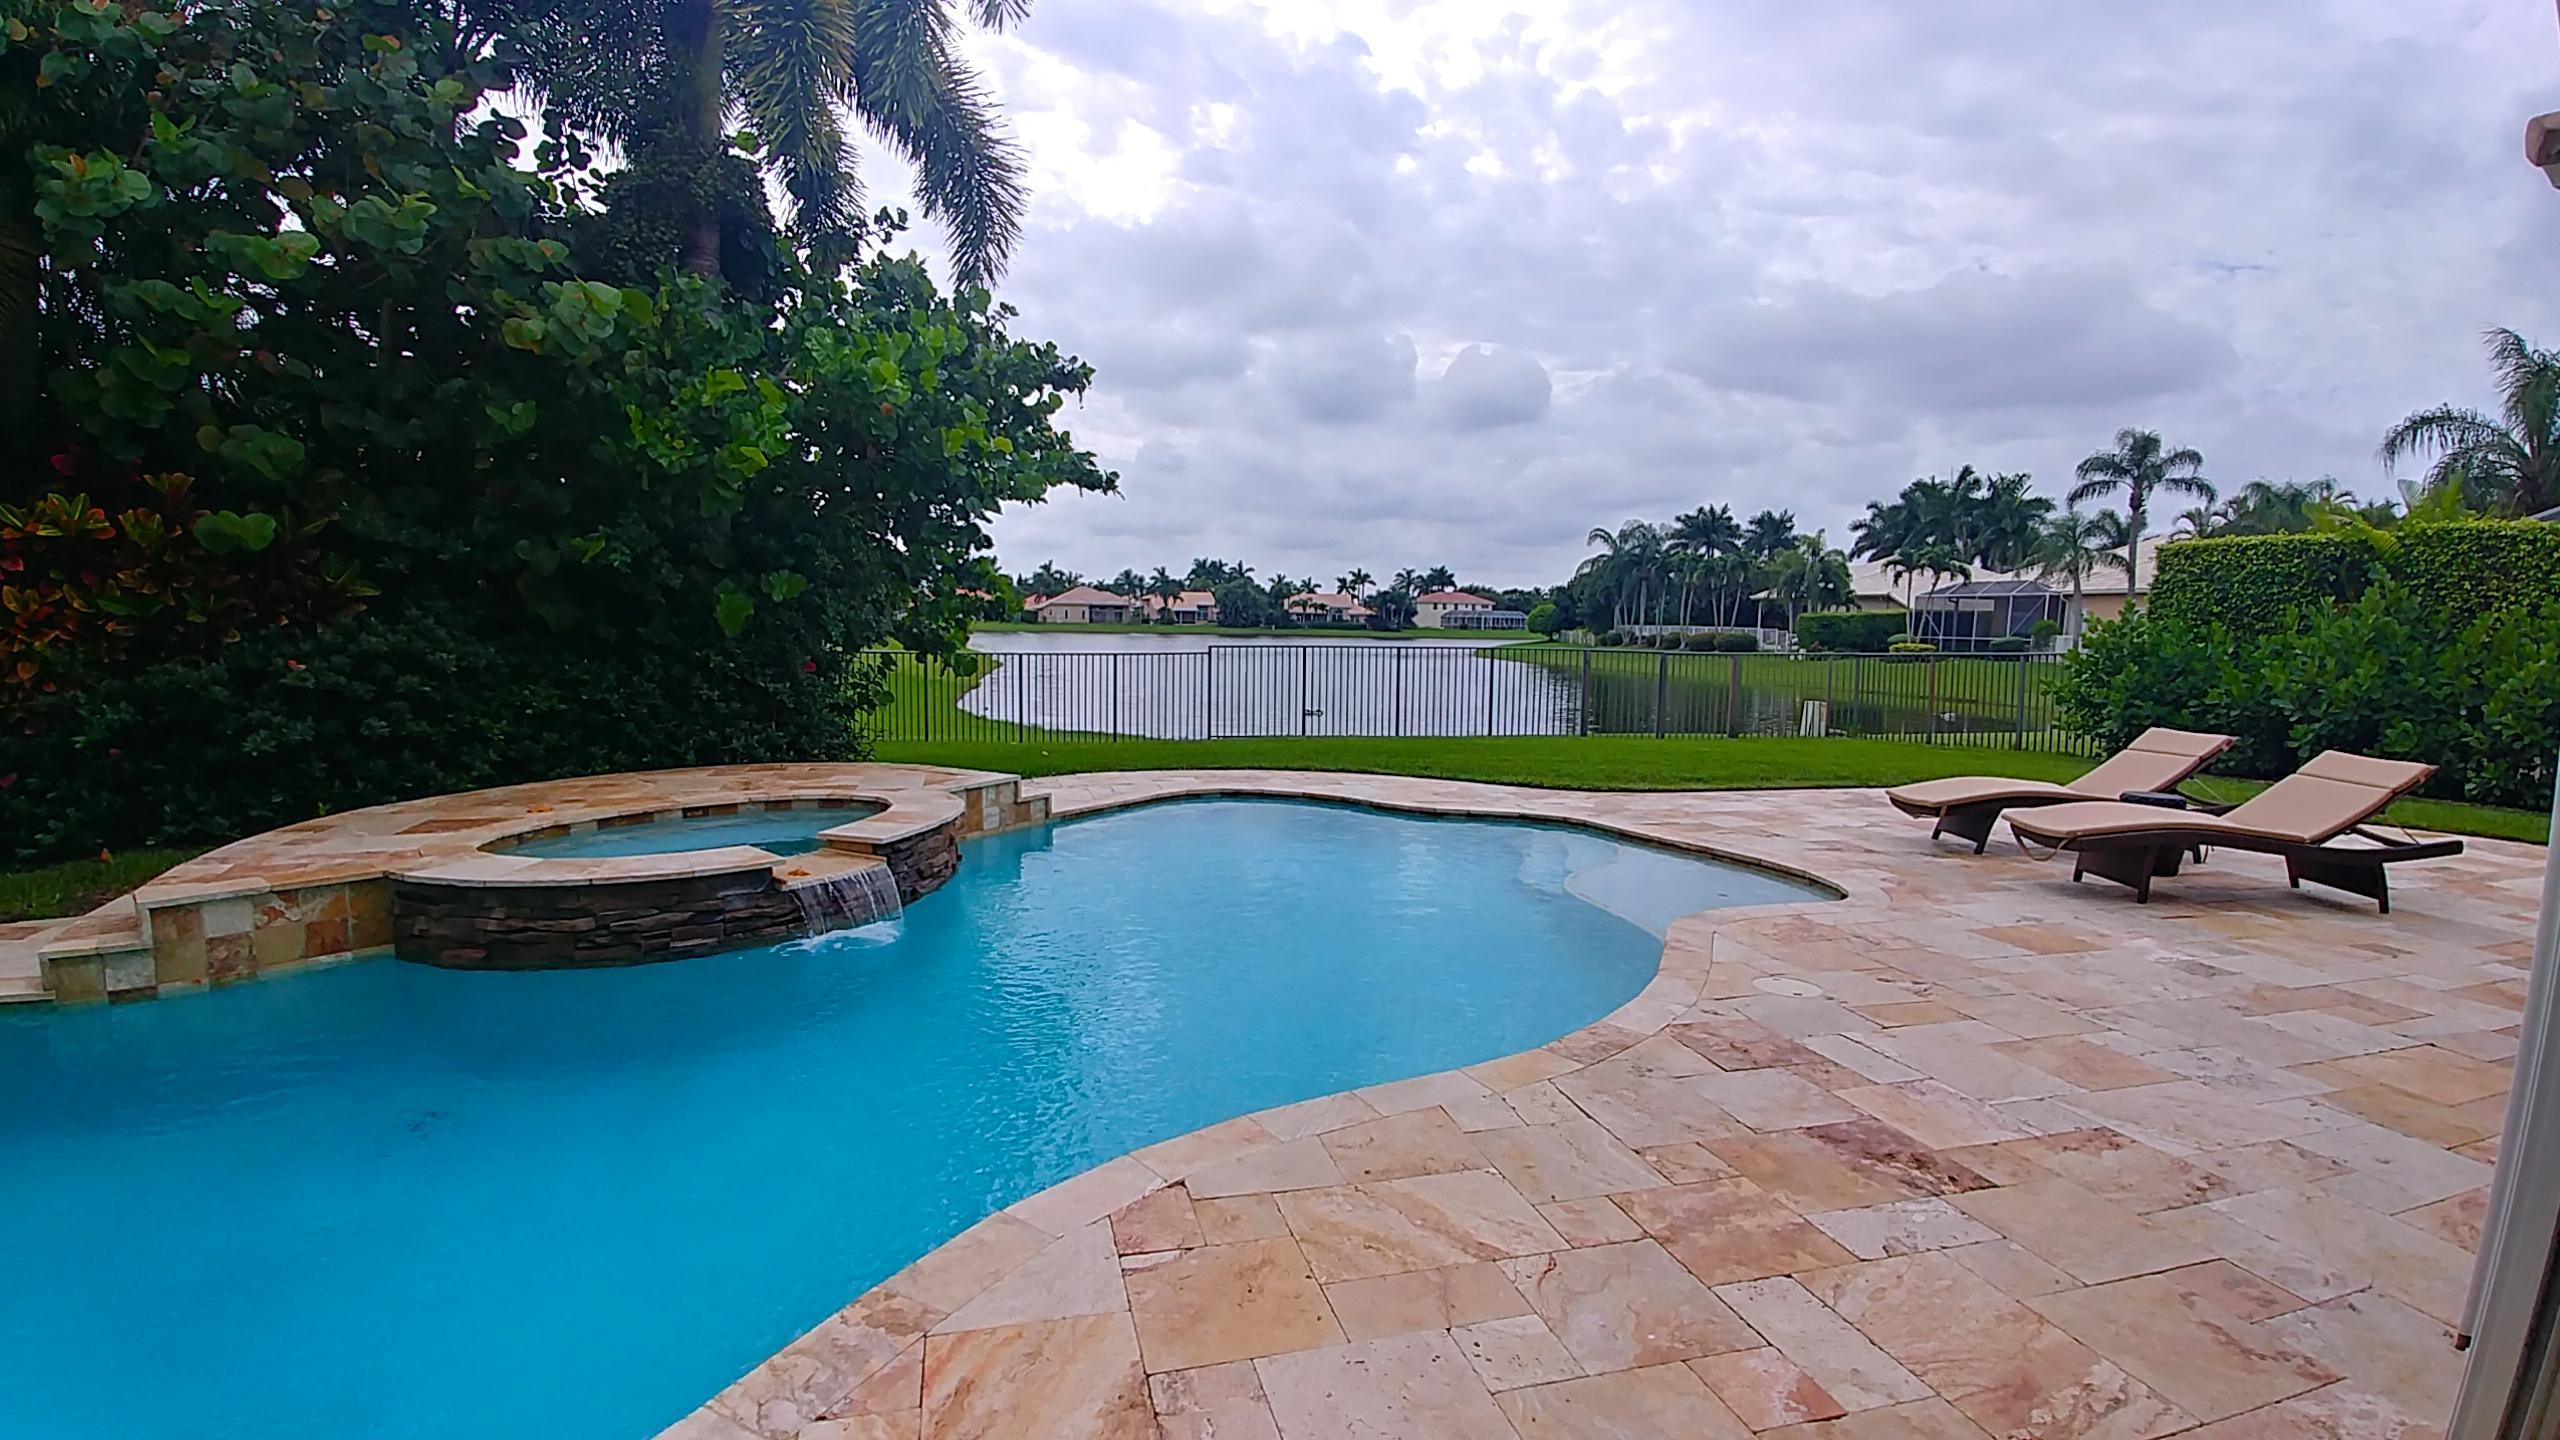 21376 Crestfalls Court  Boca Raton, FL 33428